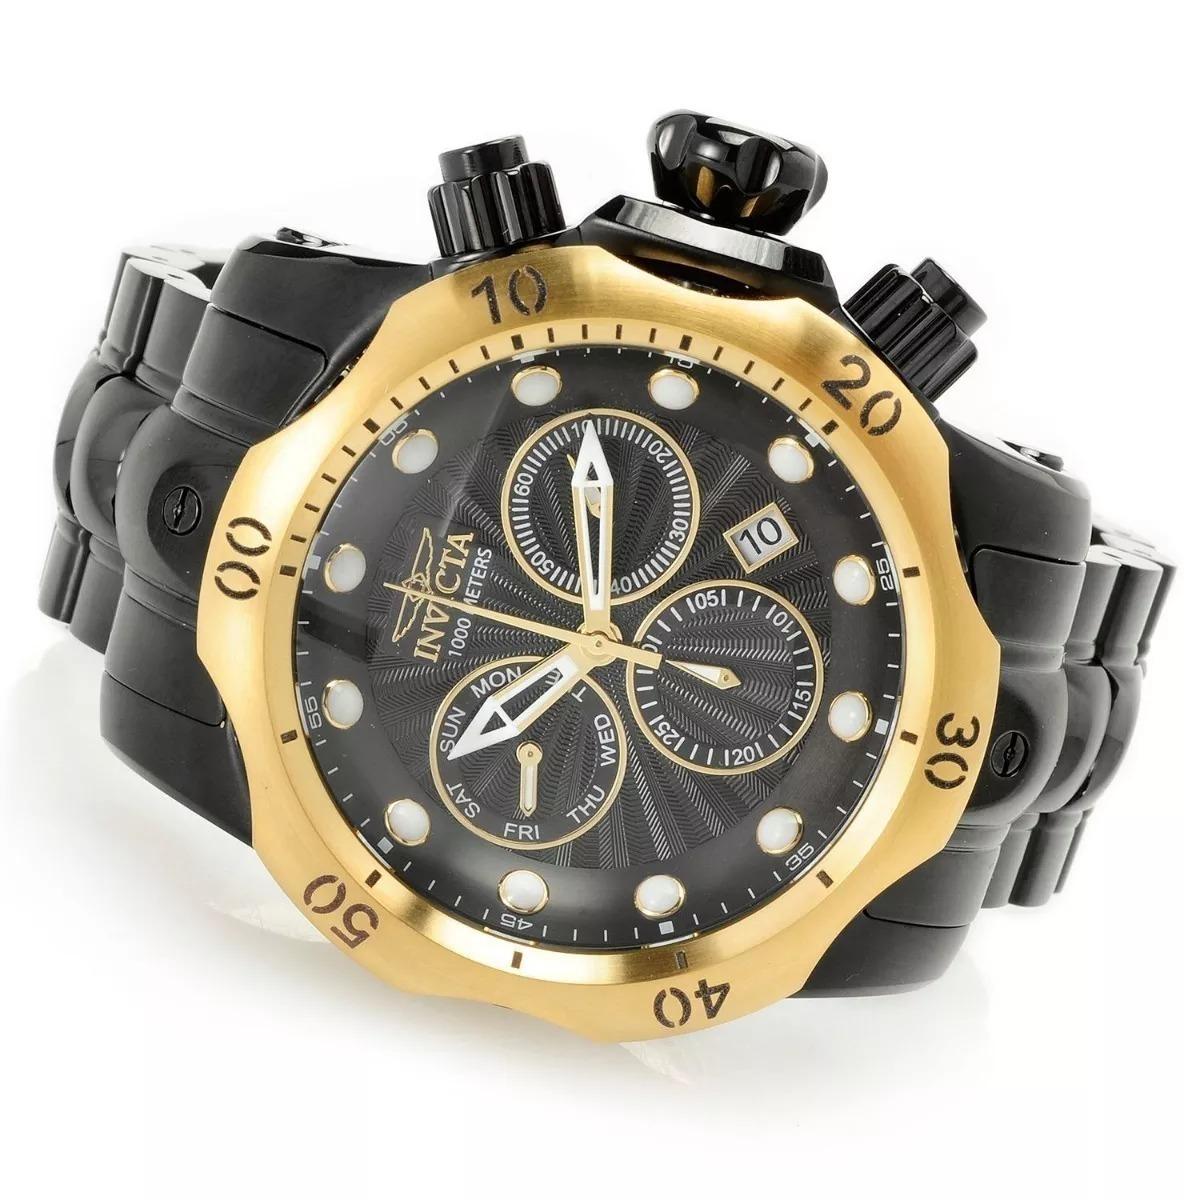 8f6dcc1789a Relógio Invicta Venom 23895 Masculino - R  1.599